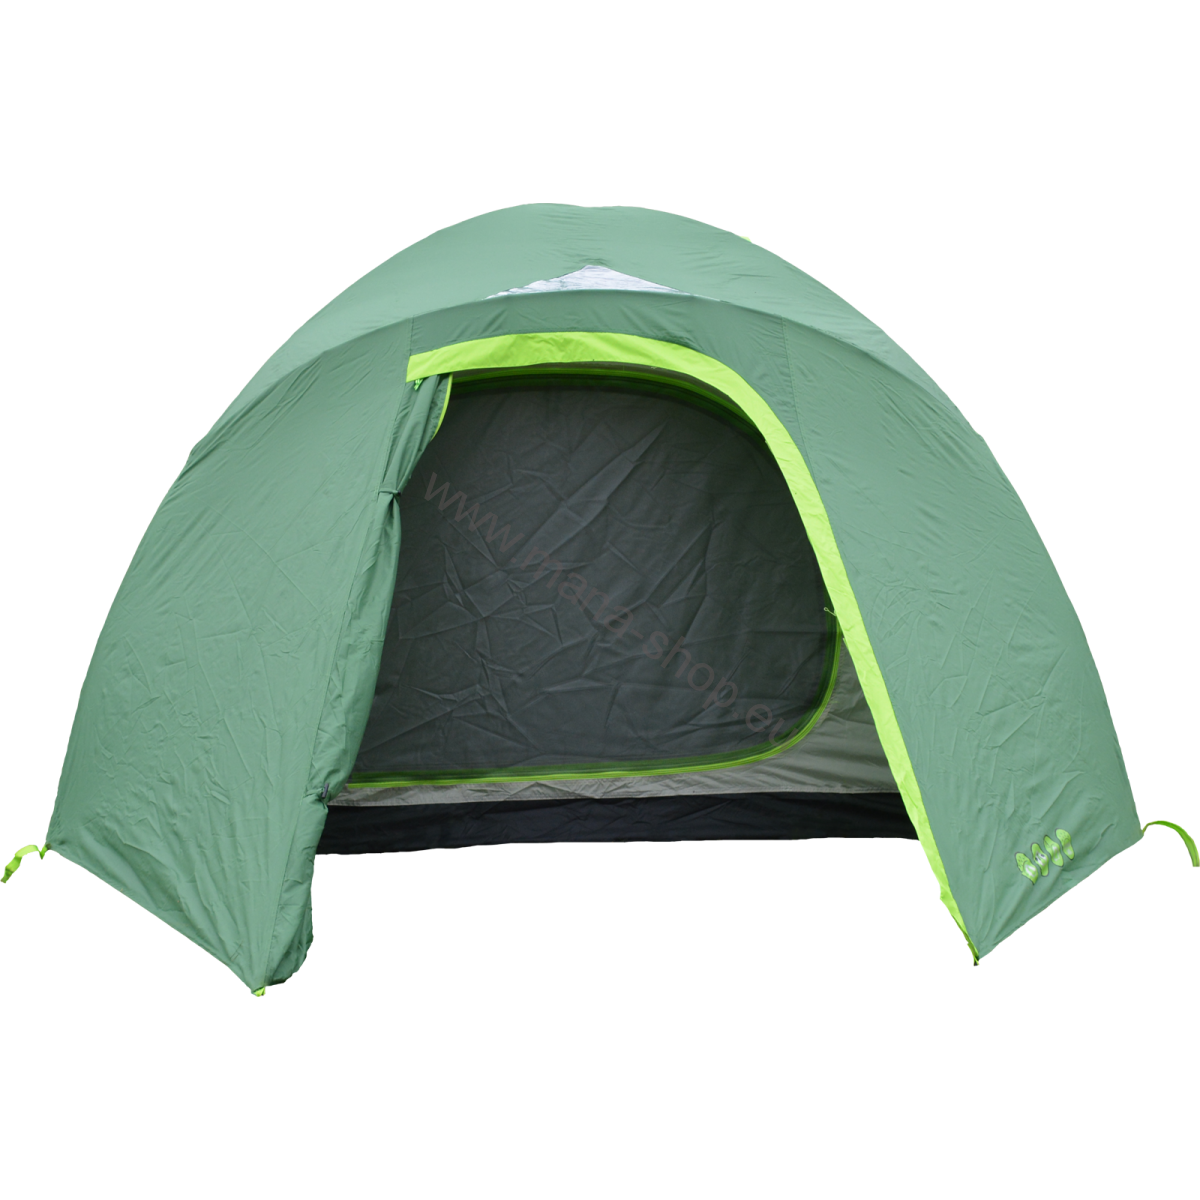 Husky Zelt 5 Personen : Zelte husky zelt outdoor bonelli schlafsack gizmo